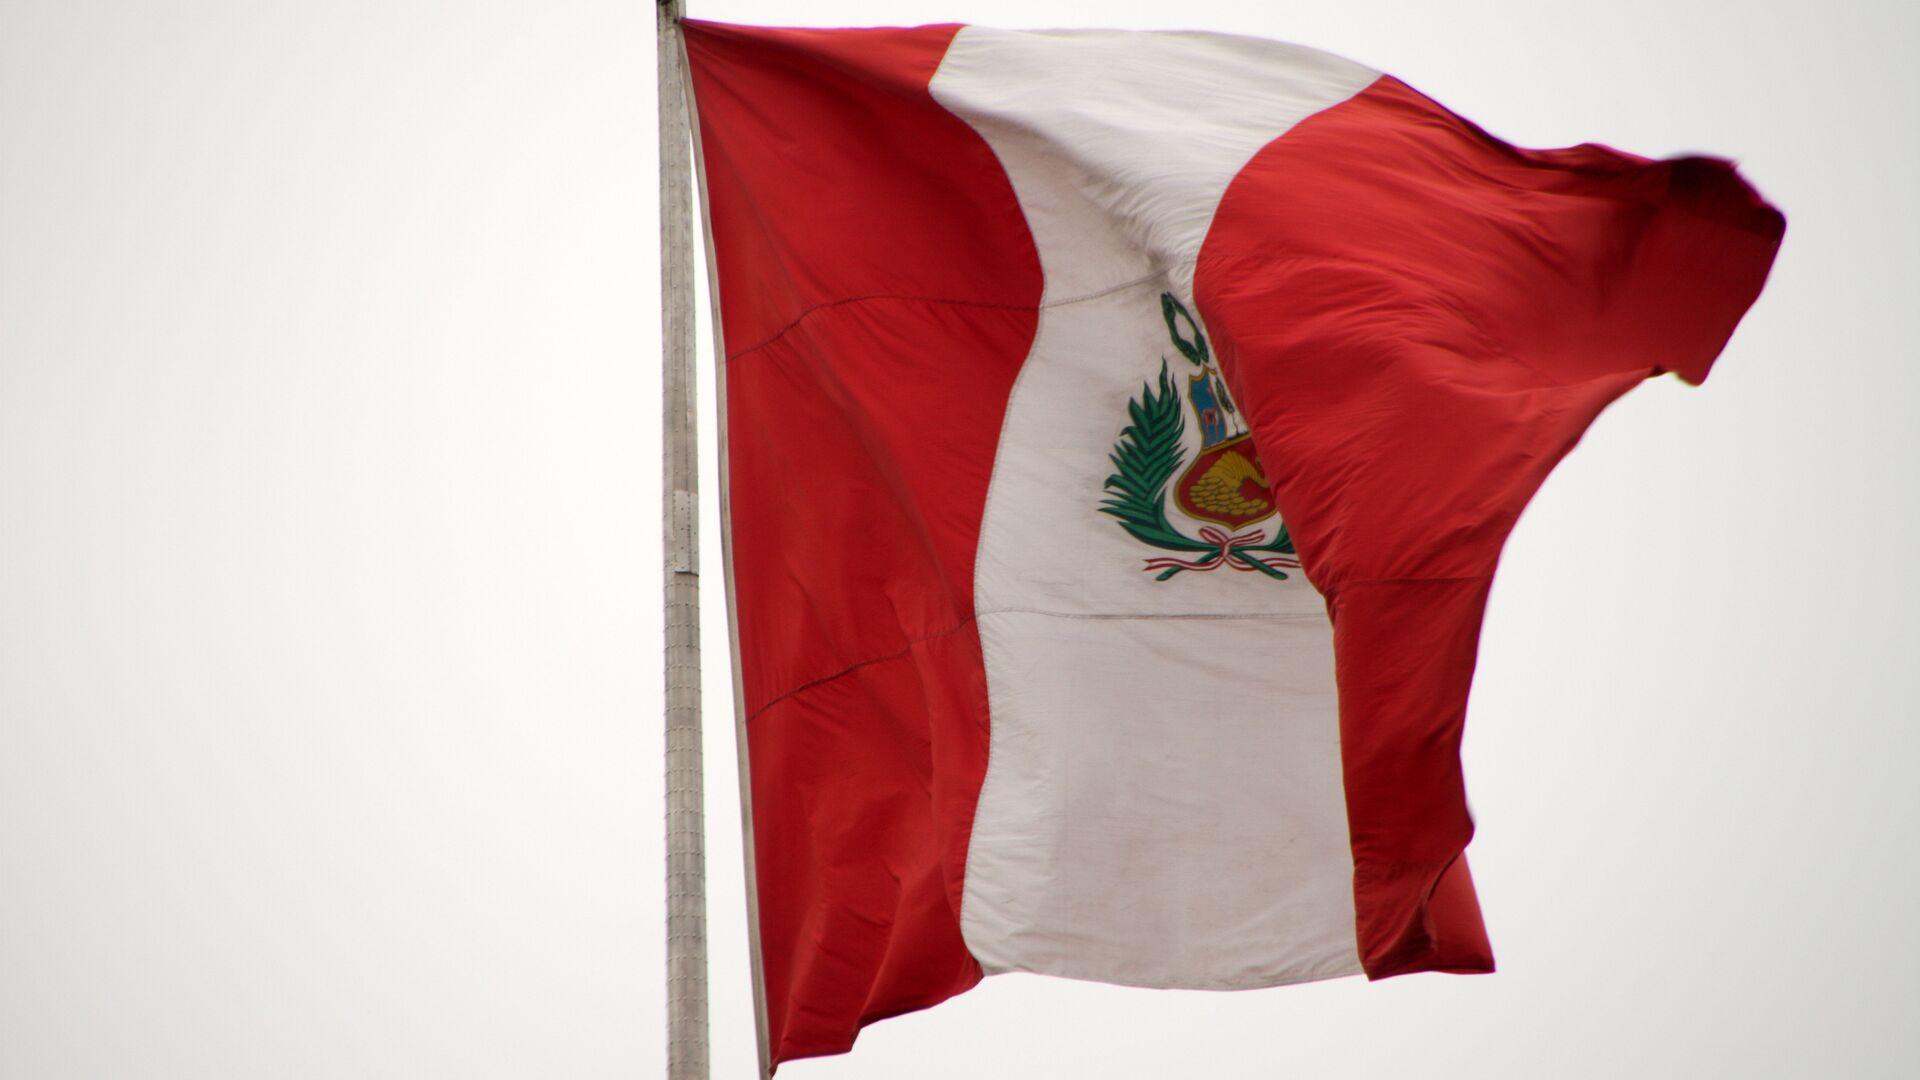 La bandera de Perú - Sputnik Mundo, 1920, 04.02.2021